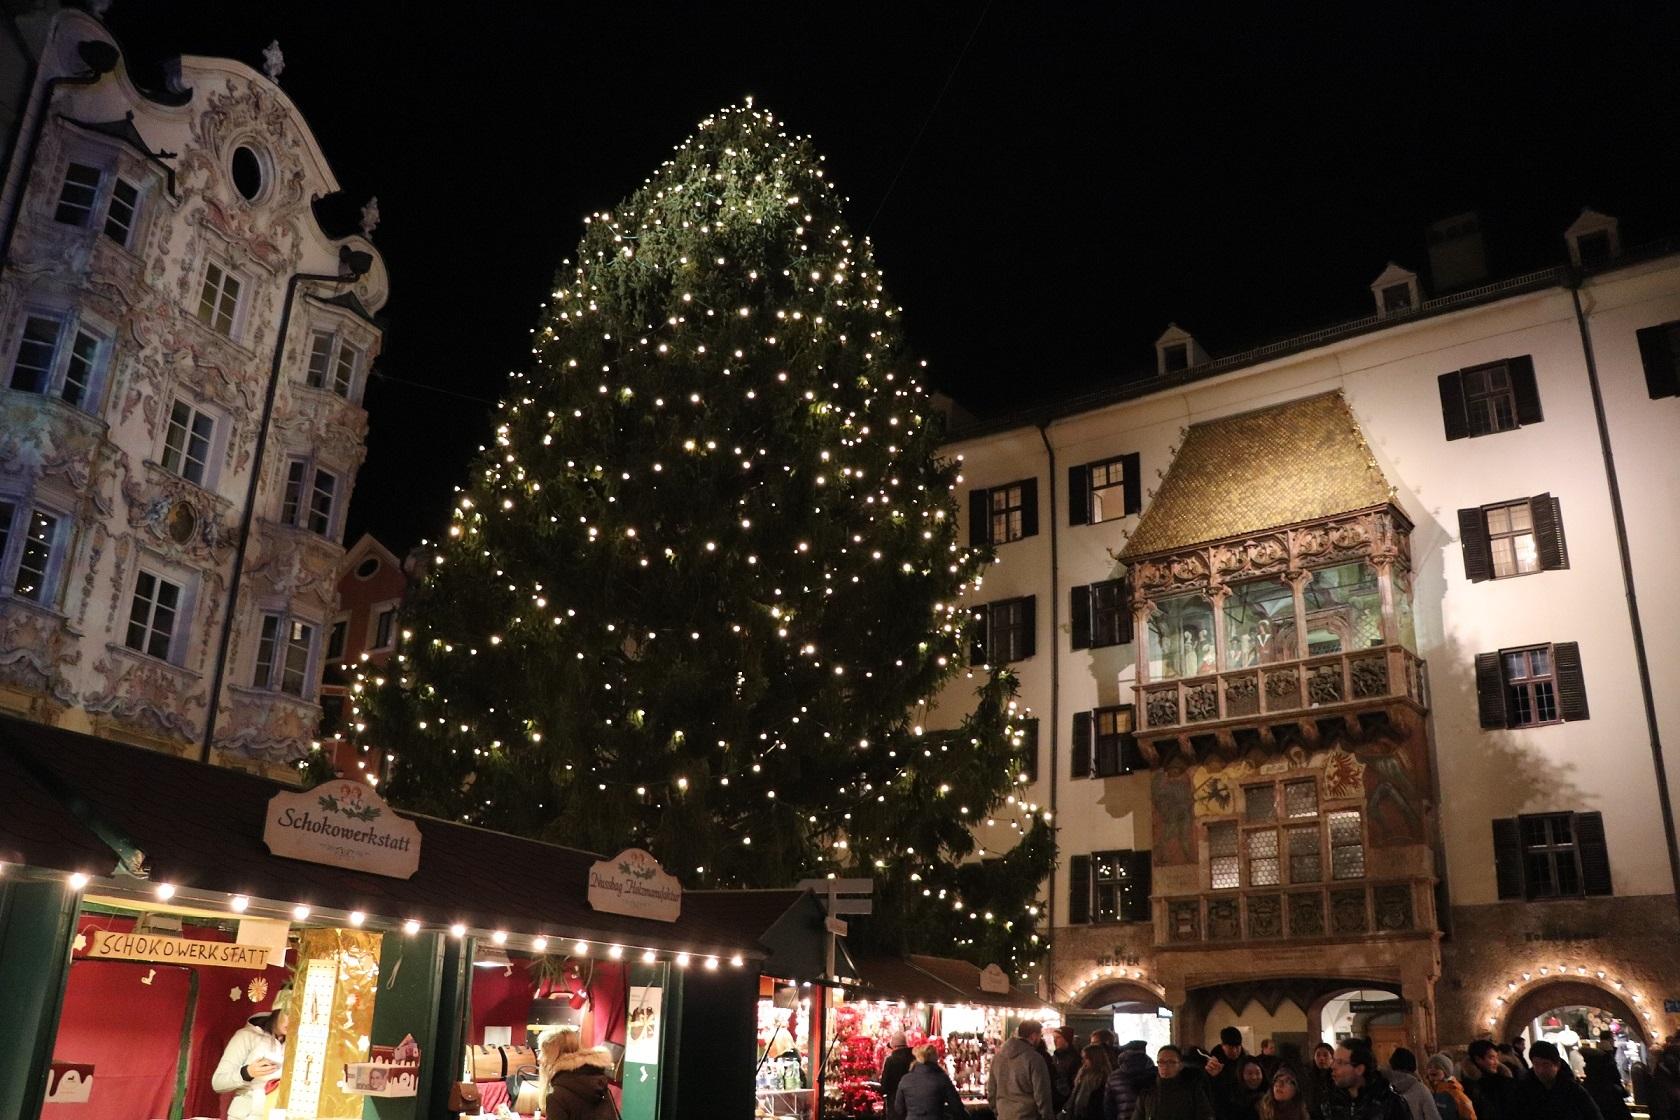 インスブルック、黄金の小屋根のクリスマスマーケット